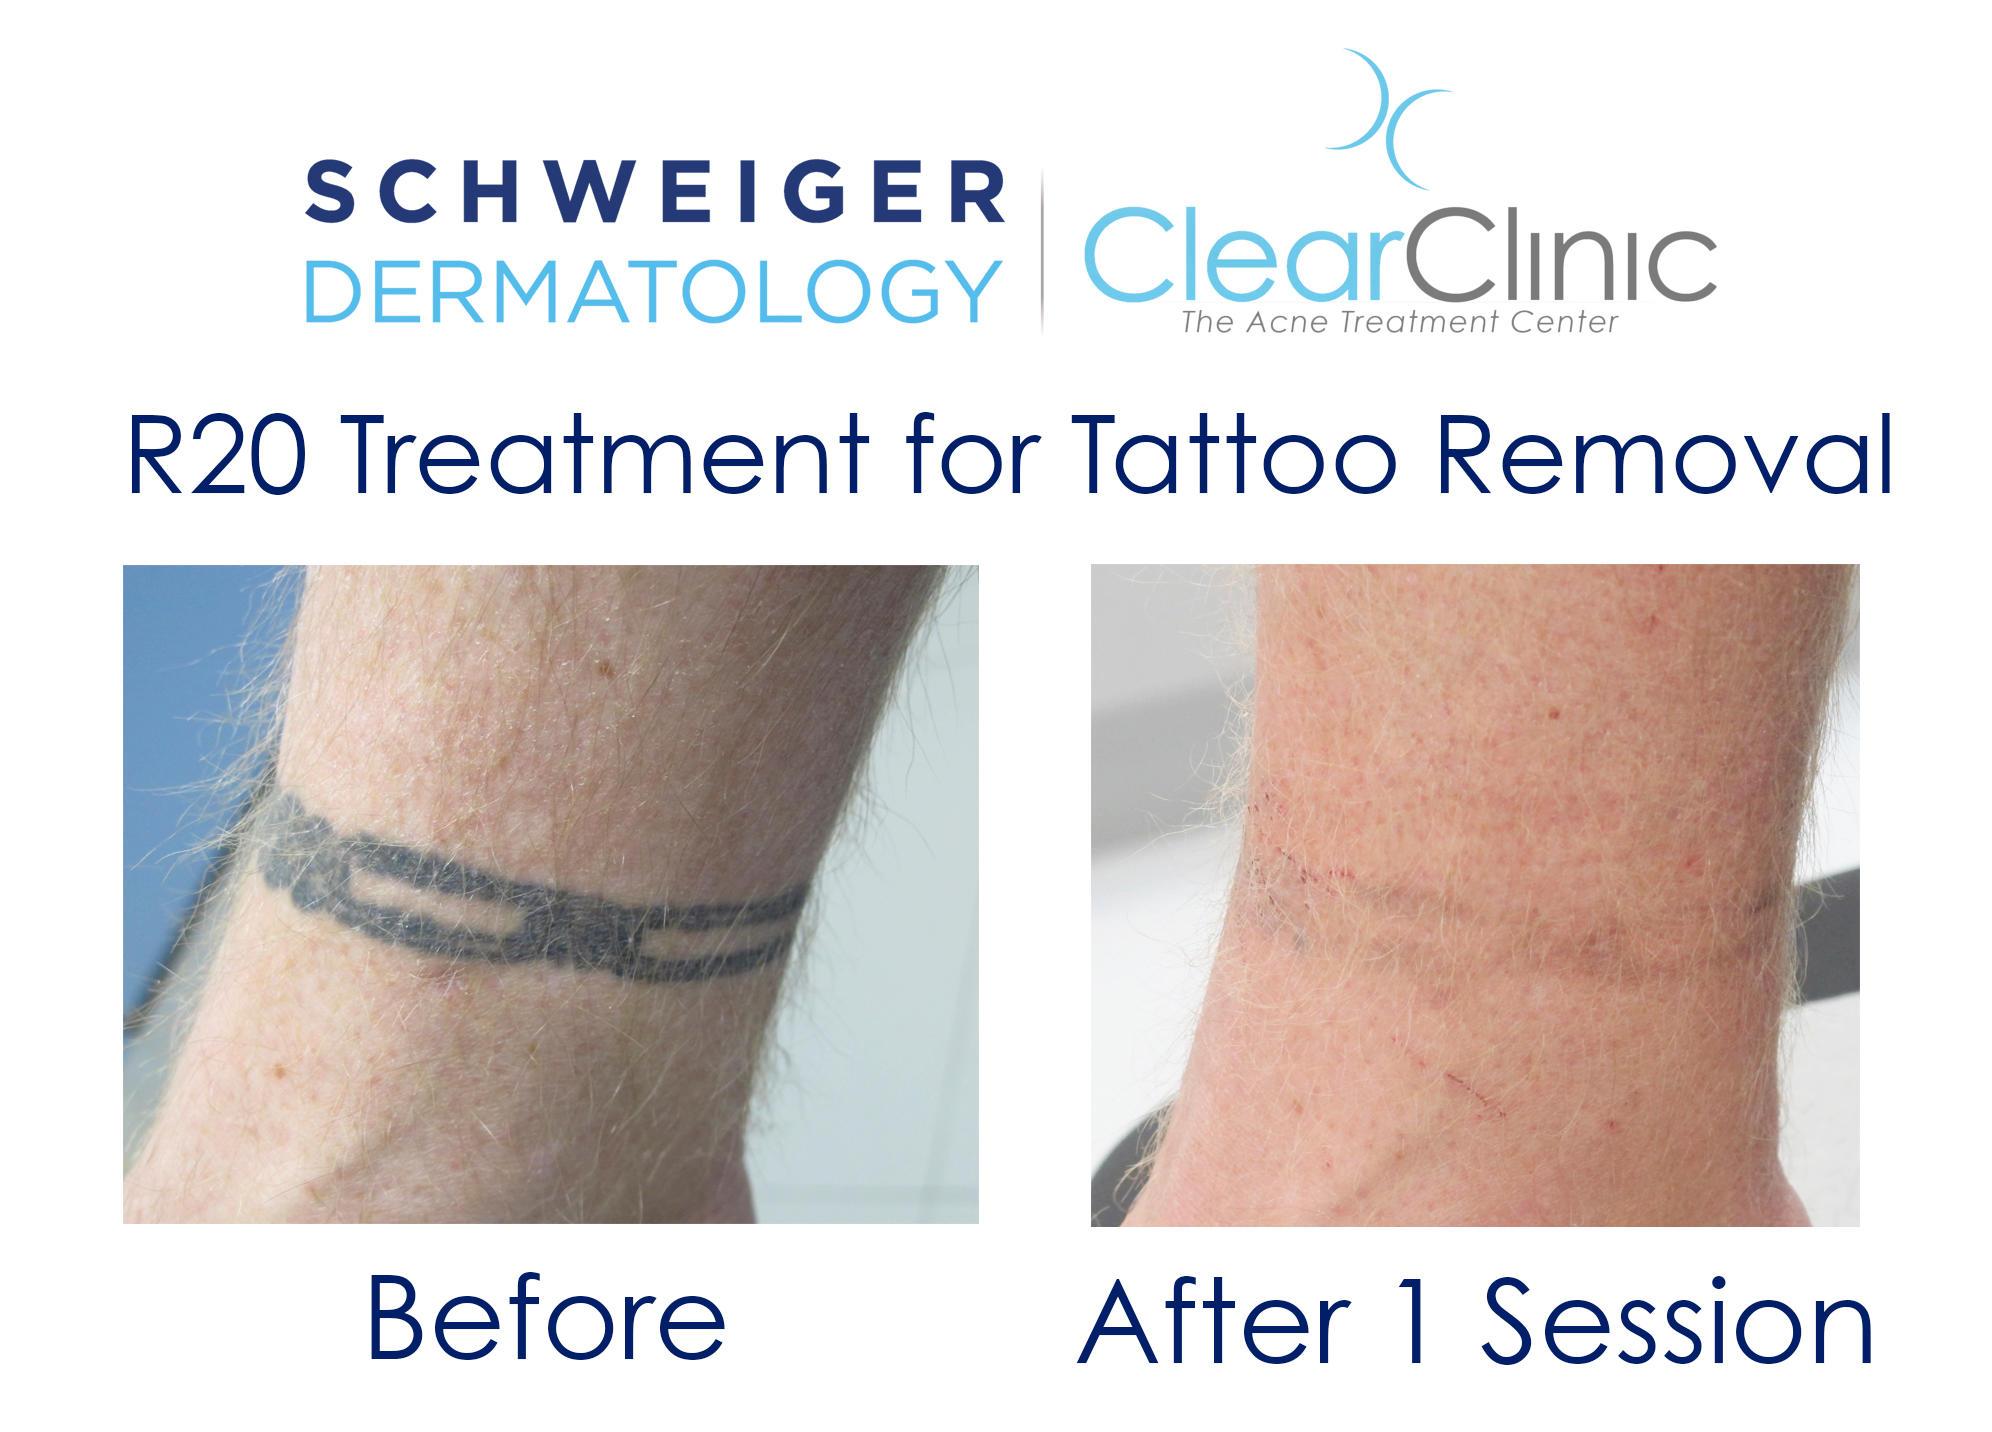 Schweiger Dermatology Group - Upper West Side image 1